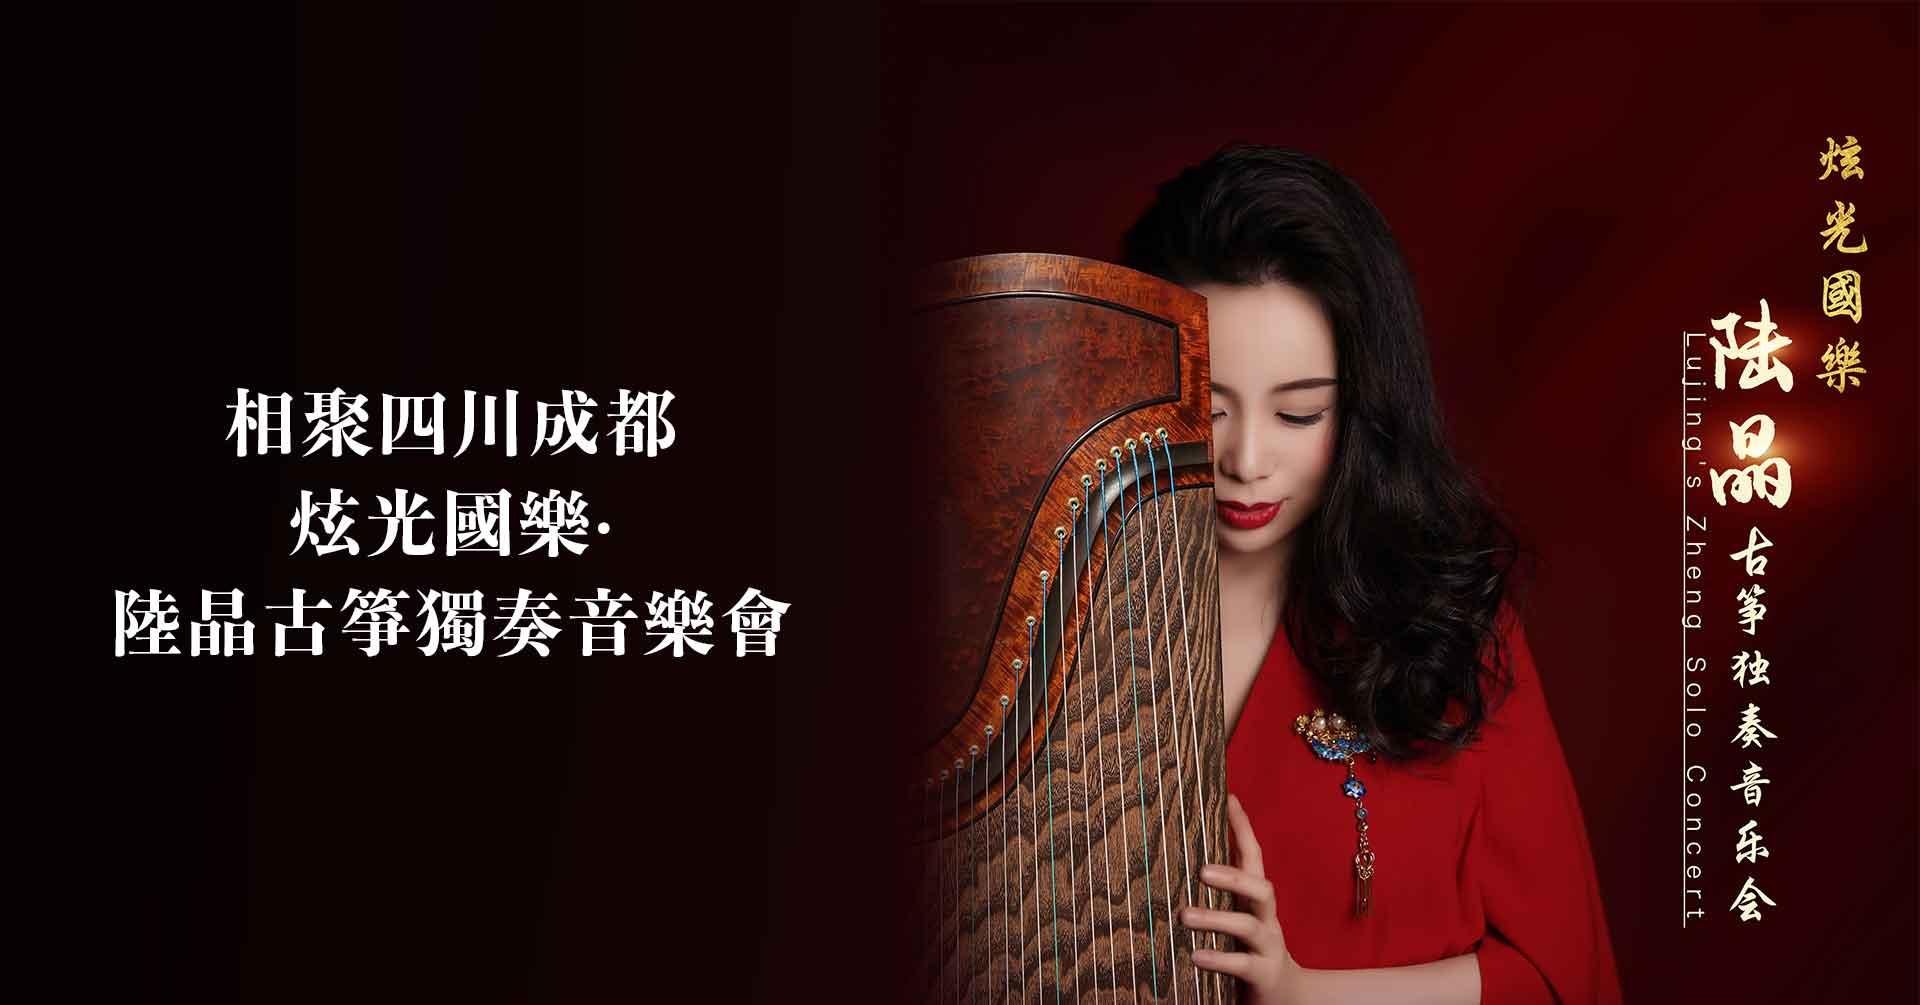 相聚四川成都,《炫光國樂·陸晶古箏獨奏音樂會》